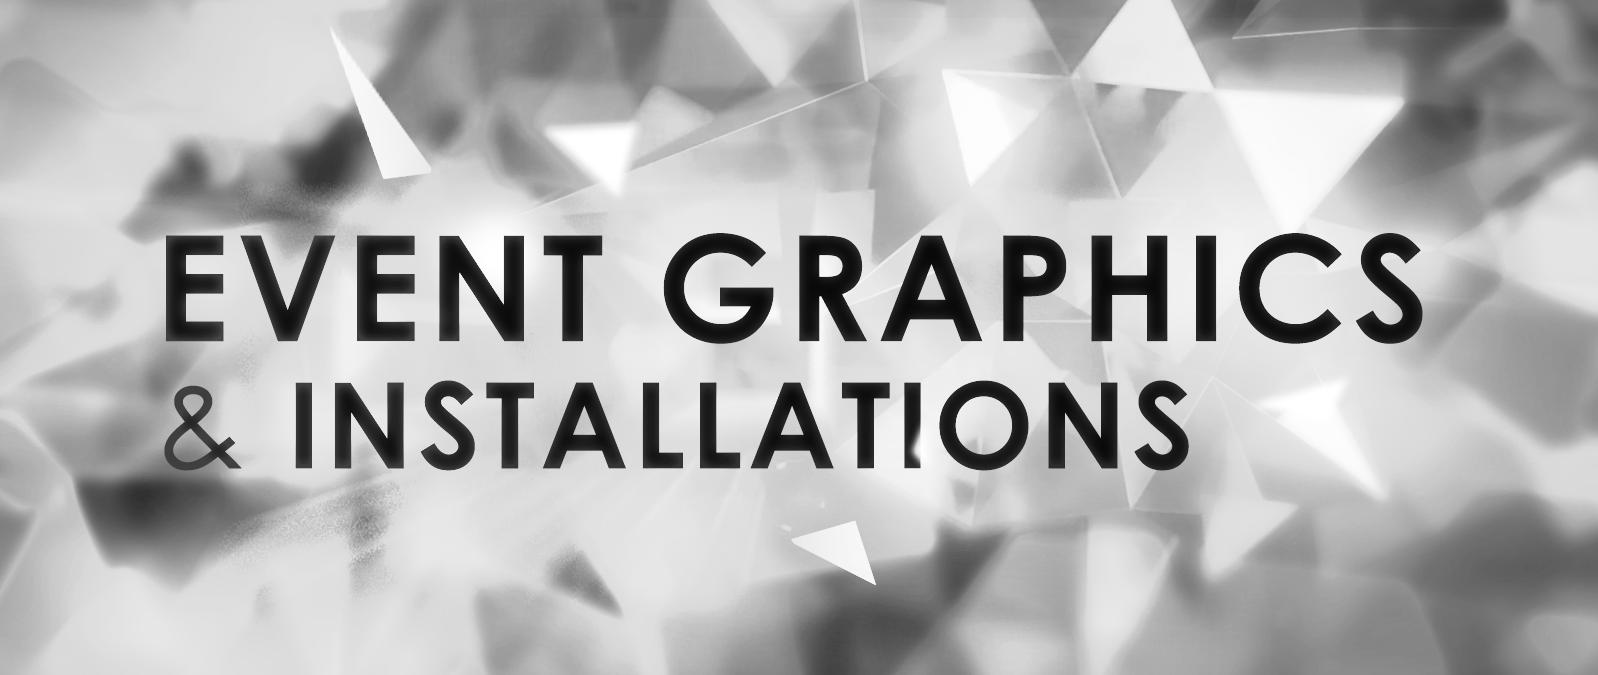 EventGraphics_v02.png